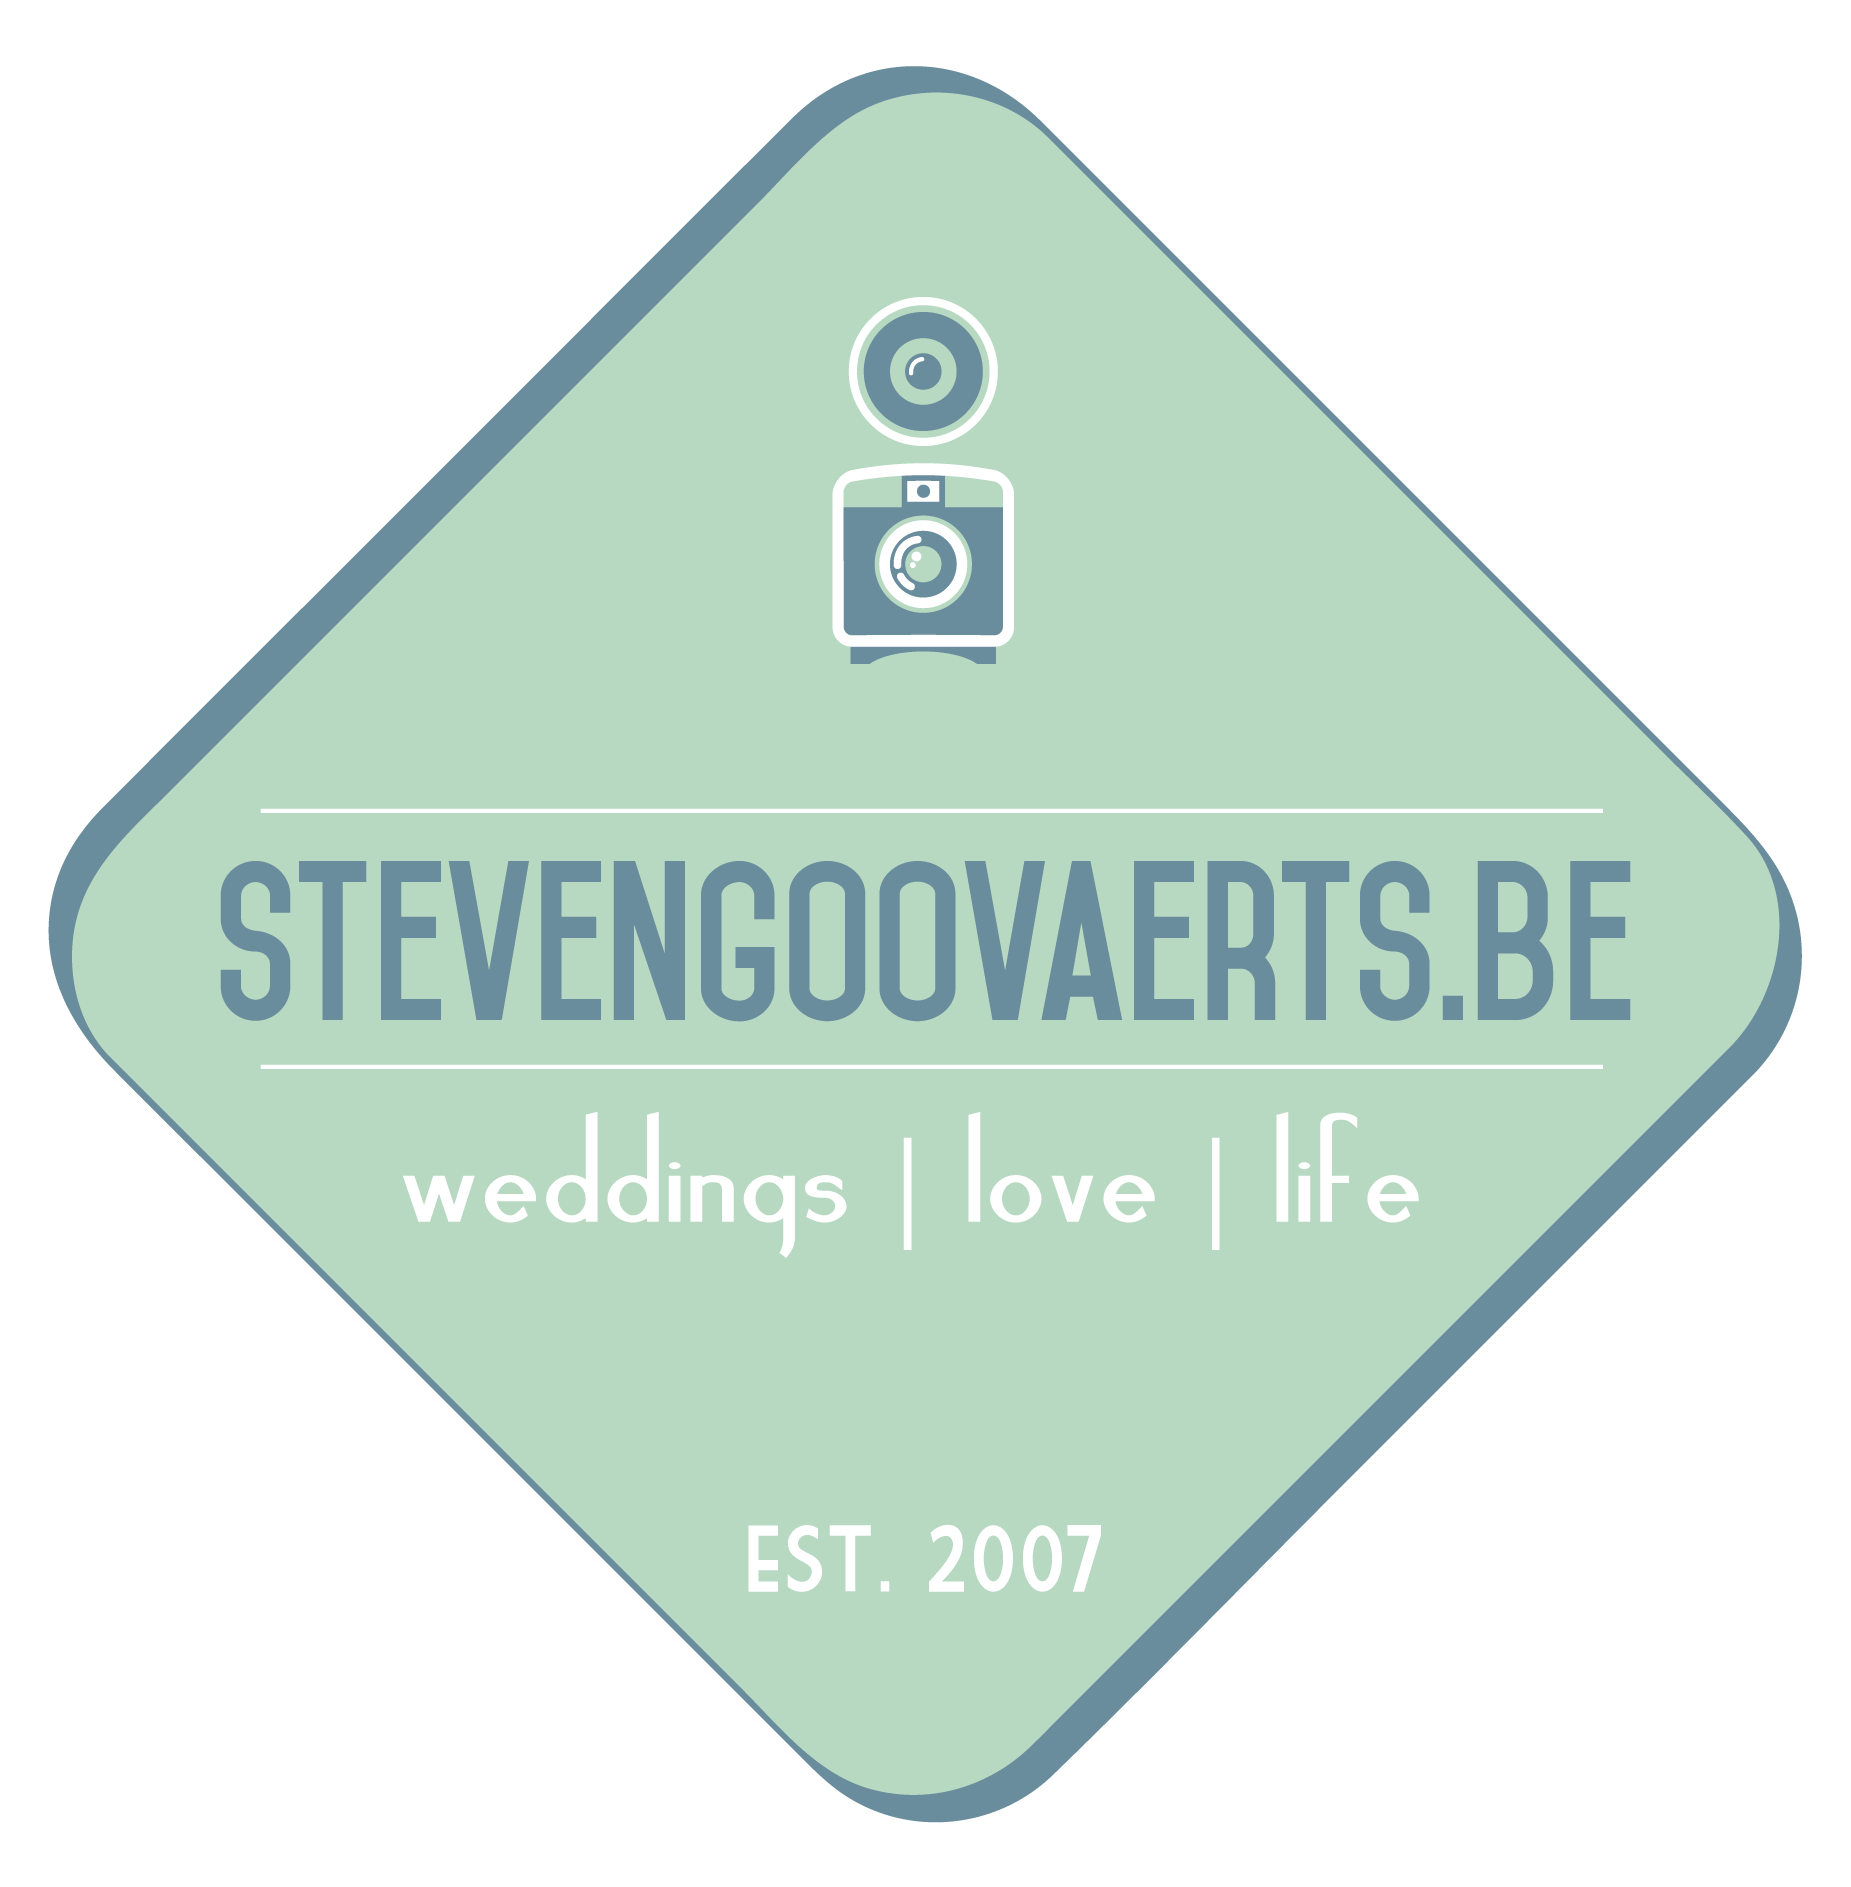 Steven Goovaerts